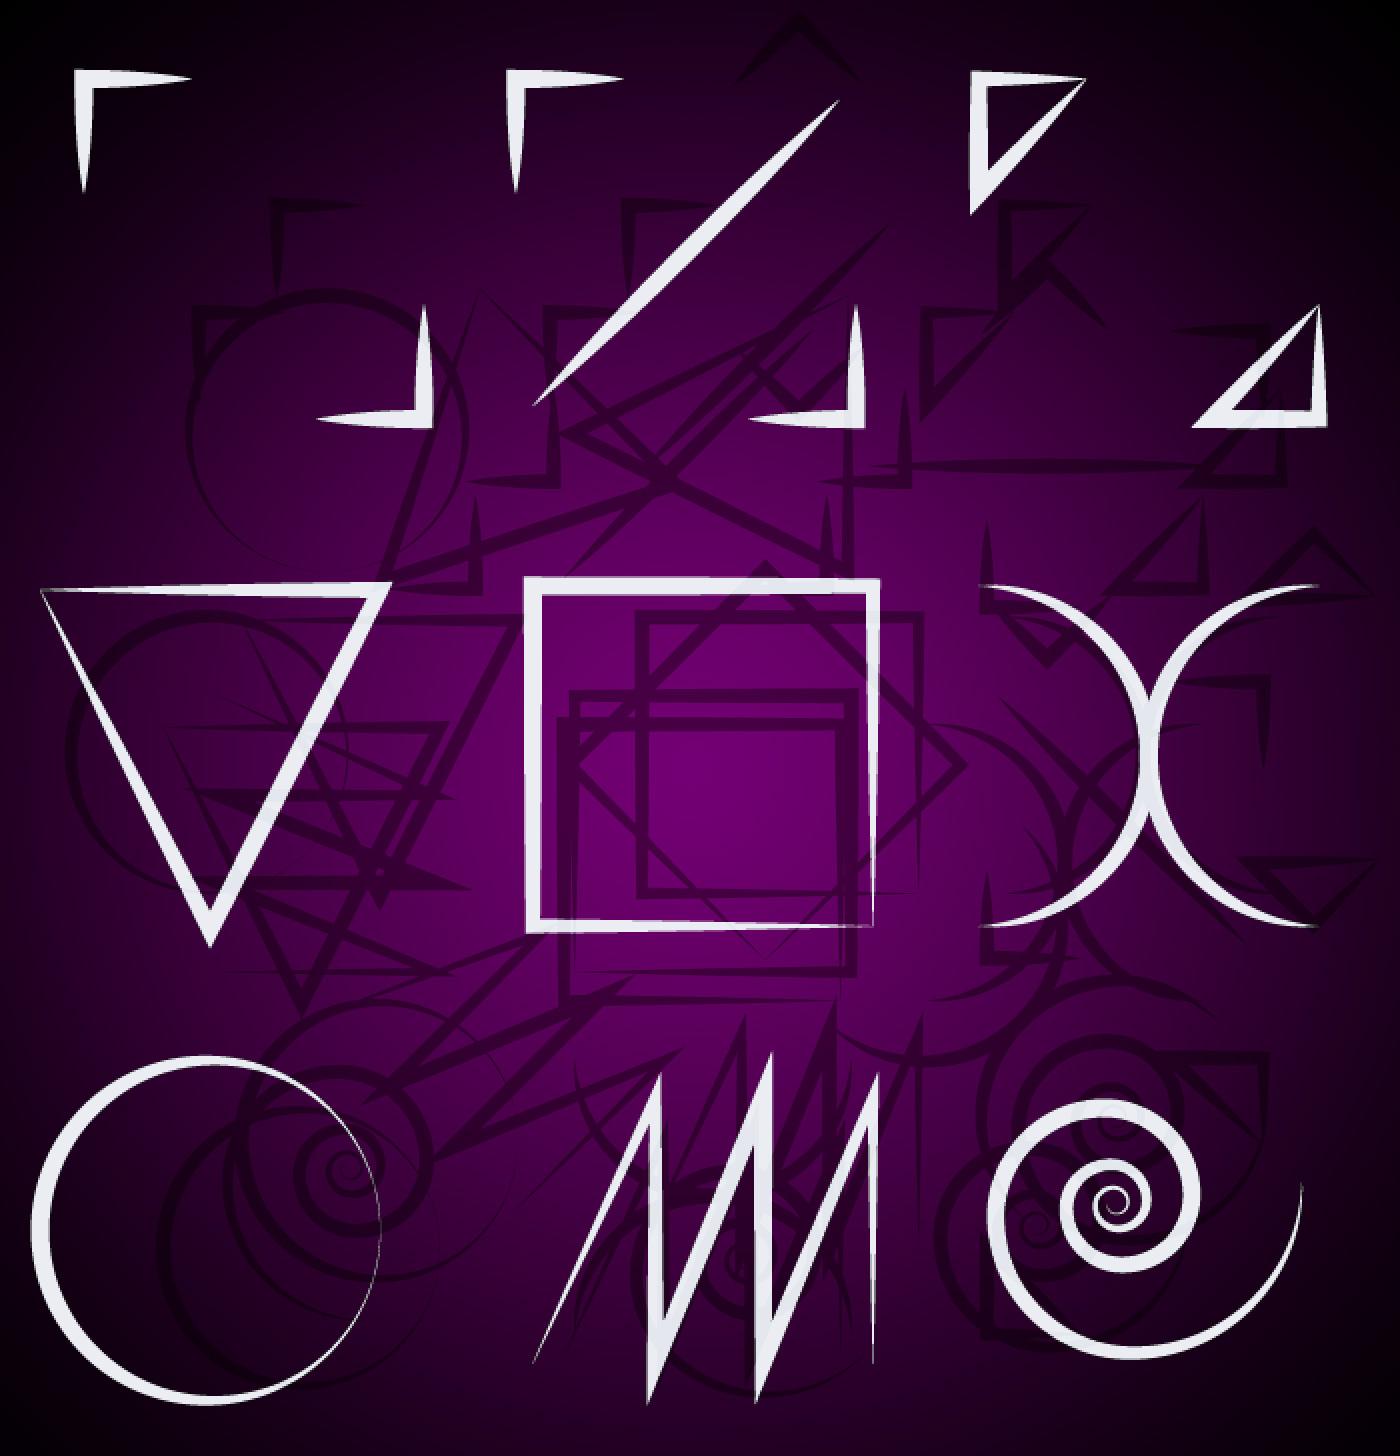 symbols-color